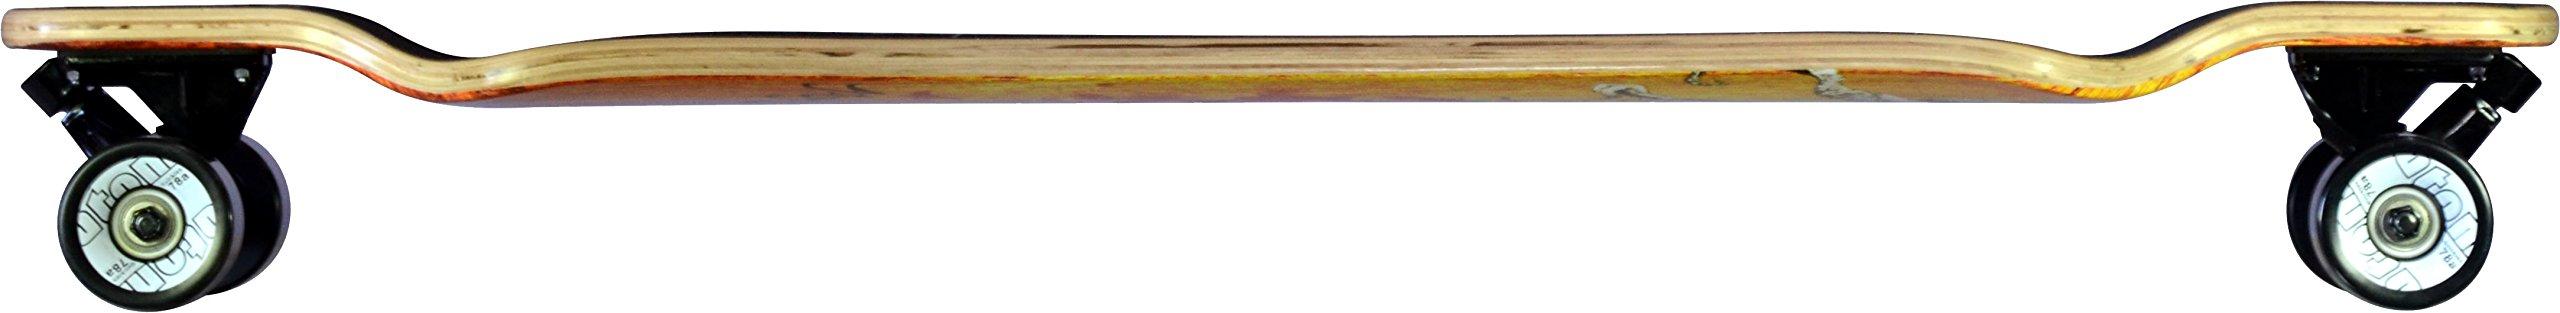 Atom Longboards Atom Drop Deck Longboard - 39'', Octopus by Atom Longboards (Image #5)